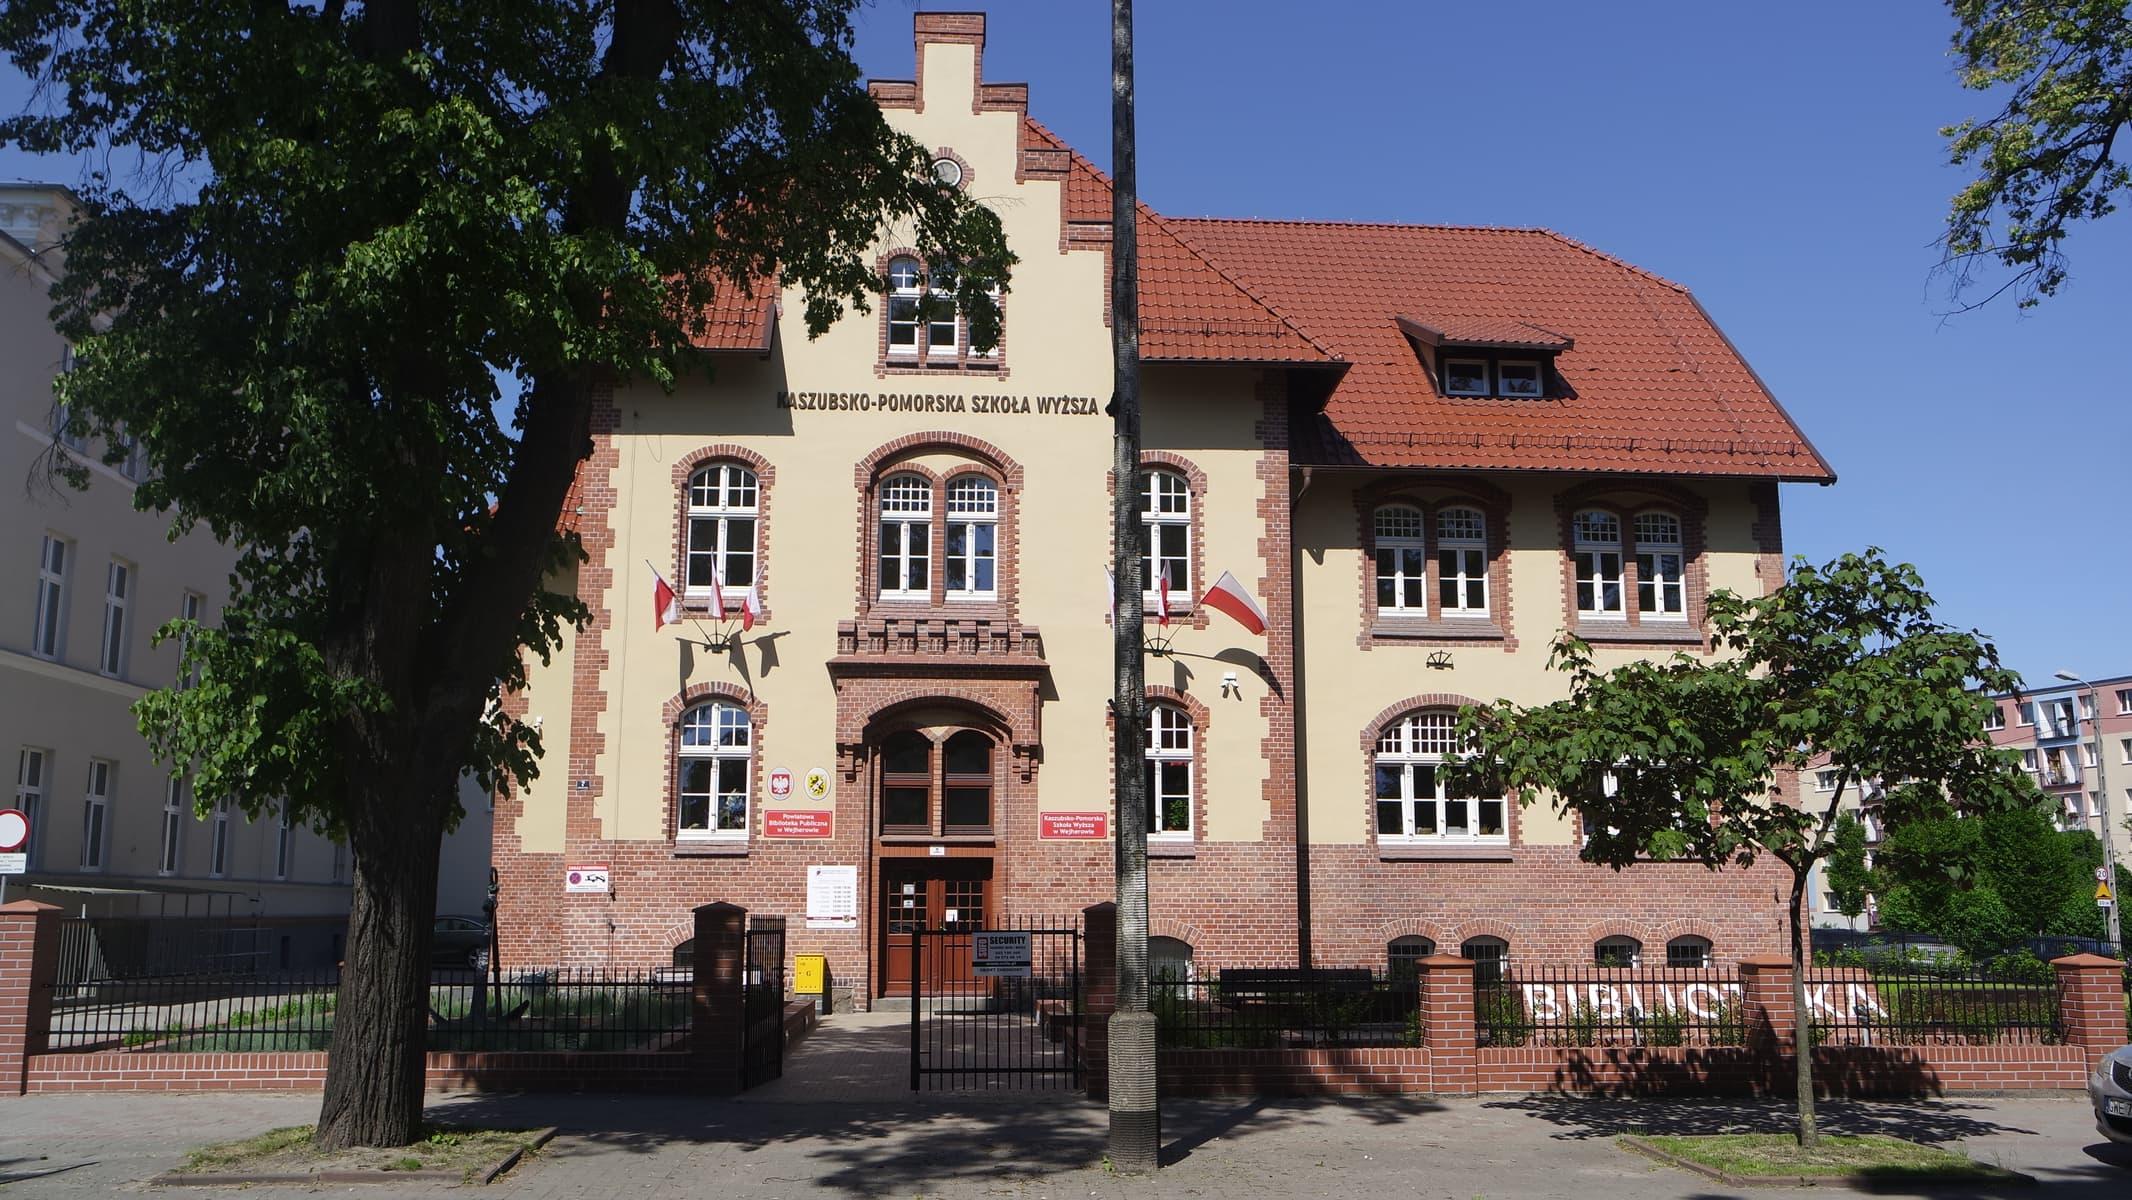 Budynek przy ul. Dworcowej 7 w Wejherowie, obecnie siedziba Powiatowej Publicznej Biblioteki w Wejherowie oraz Kaszubsko-Pomorskiej Szkoły Wyższej – front (fot. Barbara Gusman)